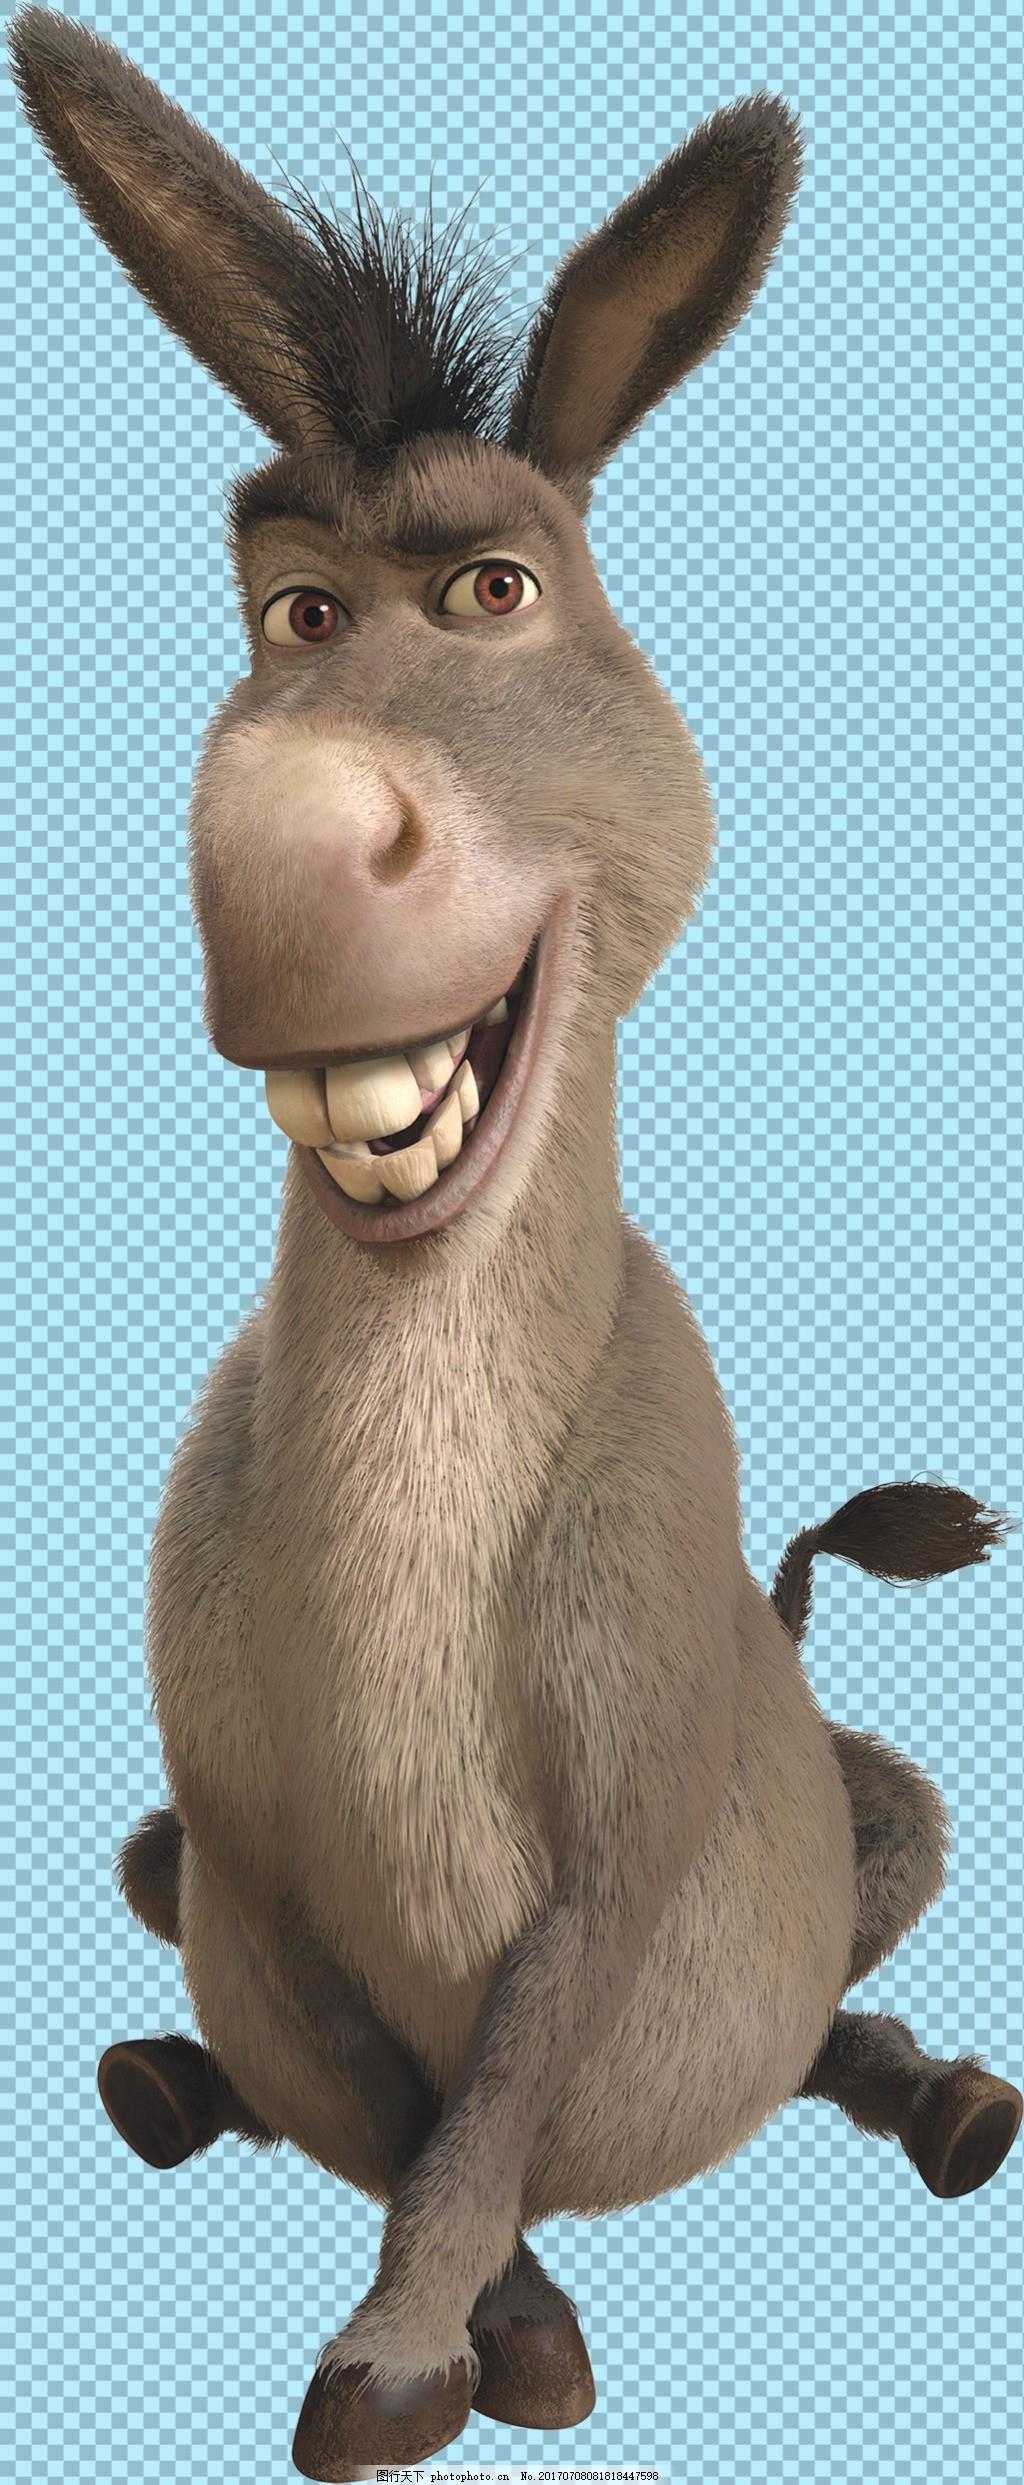 可爱3d驴图片免抠png透明图层素材,家畜动物 可爱动物